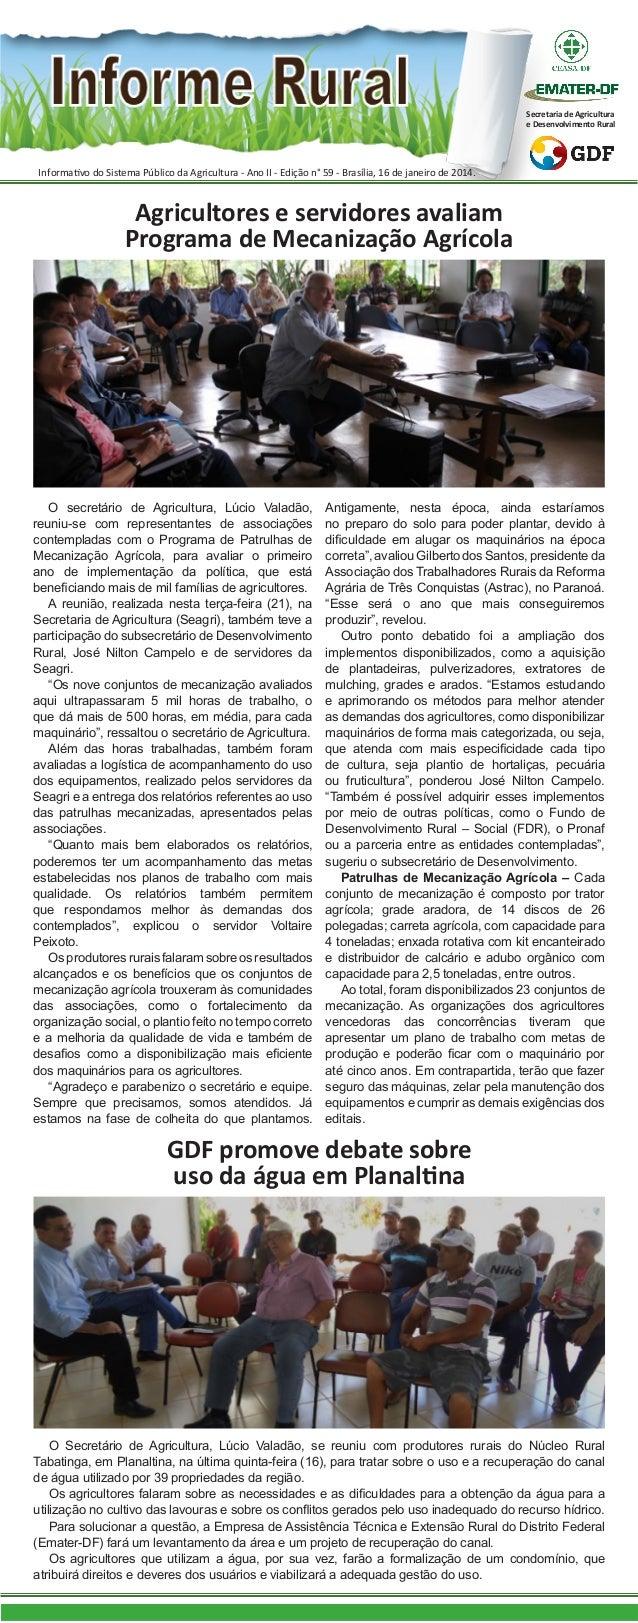 Informe Rural - 23/01/14